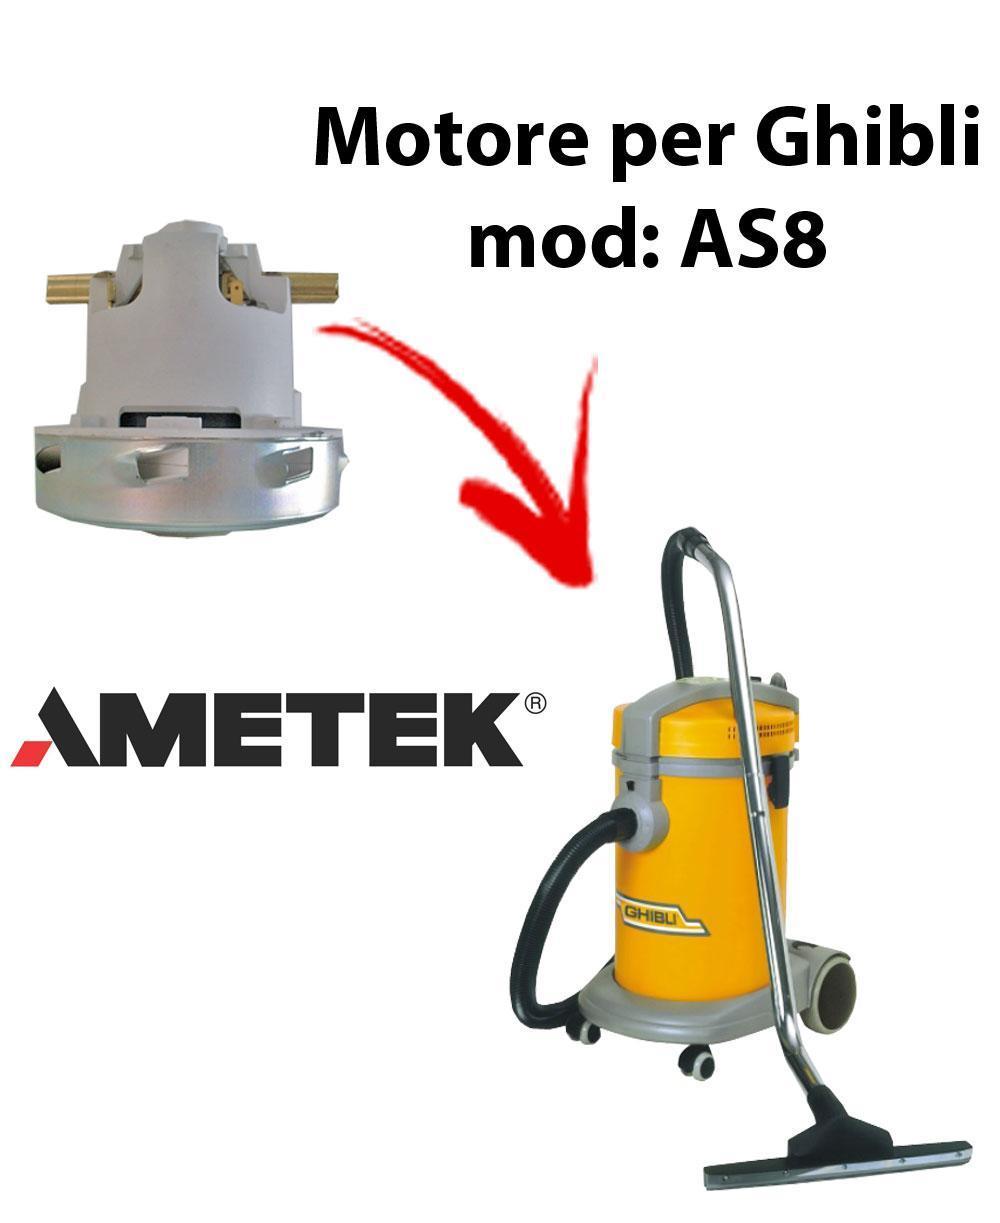 AS8  Ametek Vacuum Motor for Vacuum cleaner GHIBLI